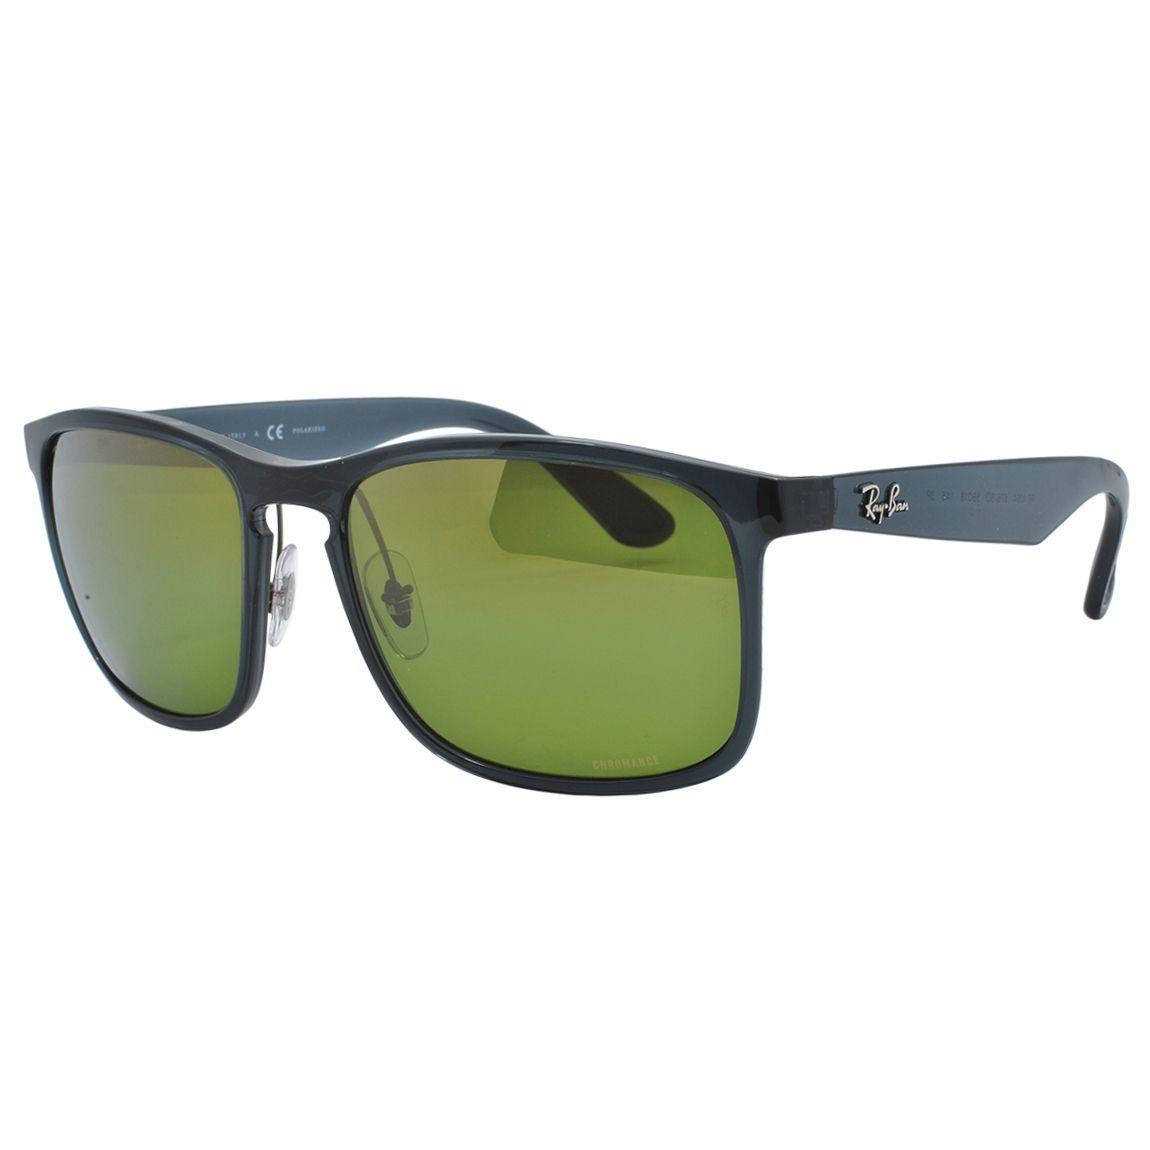 cc751d0e0 Óculos de Sol Ray Ban Unissex Chromance Polarizado RB4264 876/6O - Acetato  Preto e Lente Espelhada A R$ 691,00 à vista. Adicionar à sacola